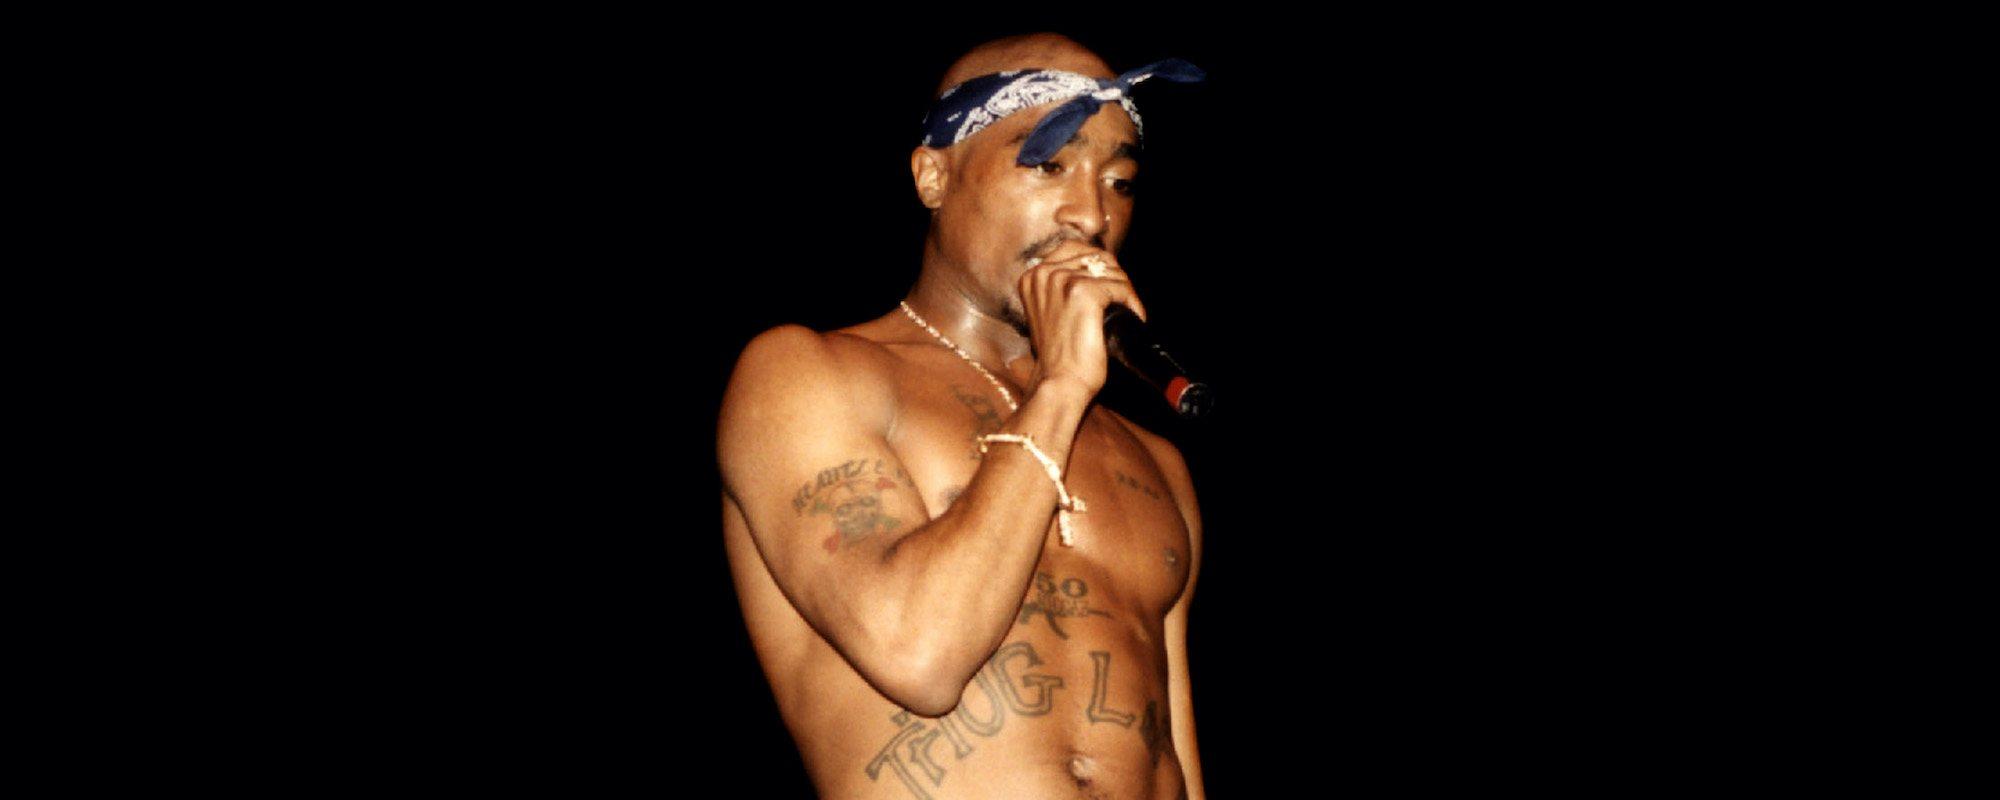 Tupac Shakur Performing Shirtless